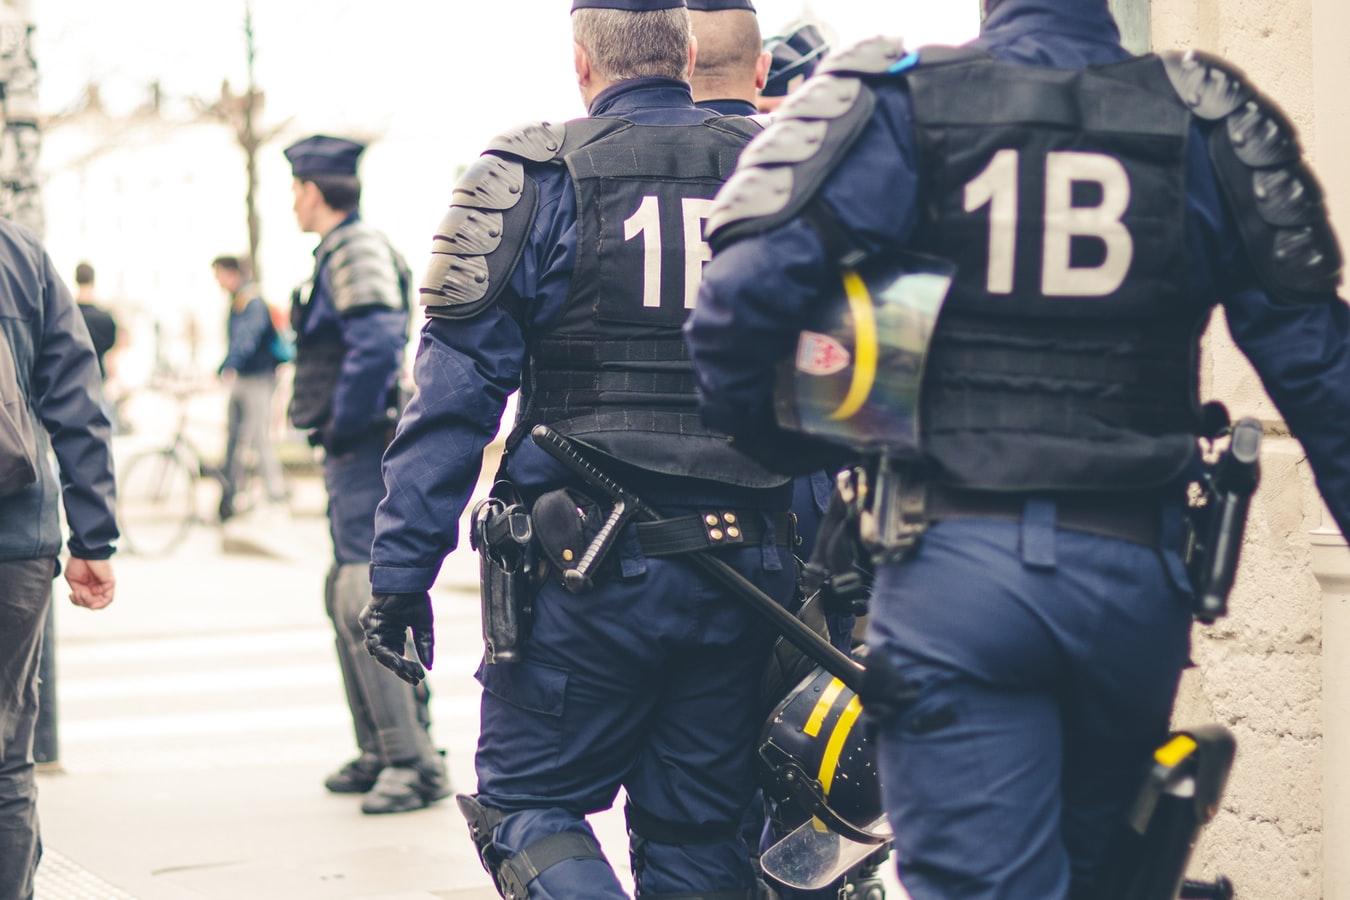 Des policiers dans une rue de Paris.